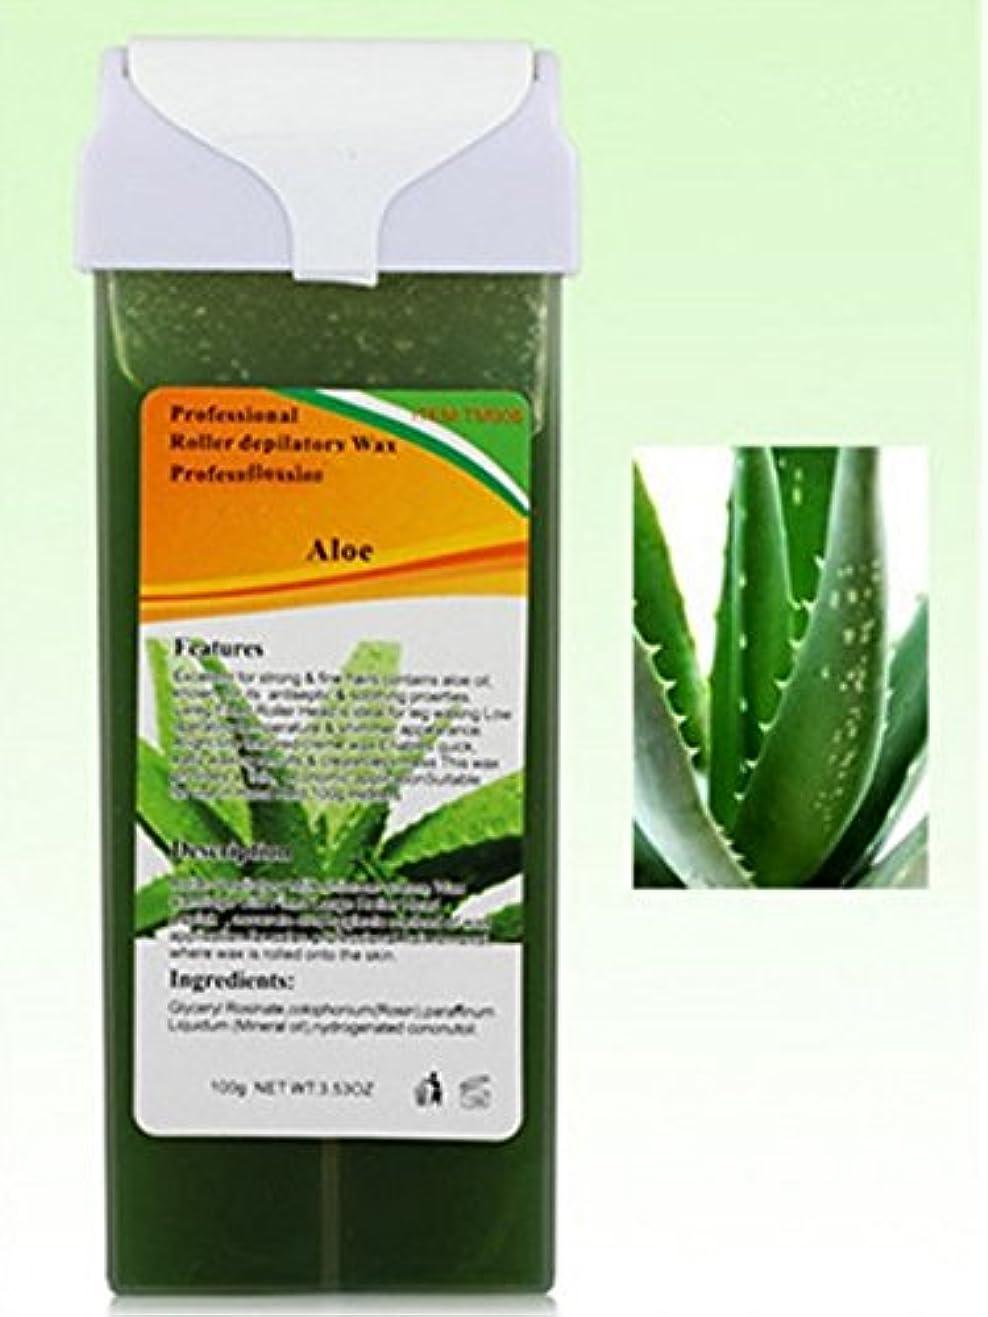 拮抗するベルトくちばしRabugoo セクシー 脱毛プロフェッショナル使用水溶性脱毛砂糖ワックスカートリッジワックスグッドスメル - 100g / 3.53oz 100g Aloe Vera